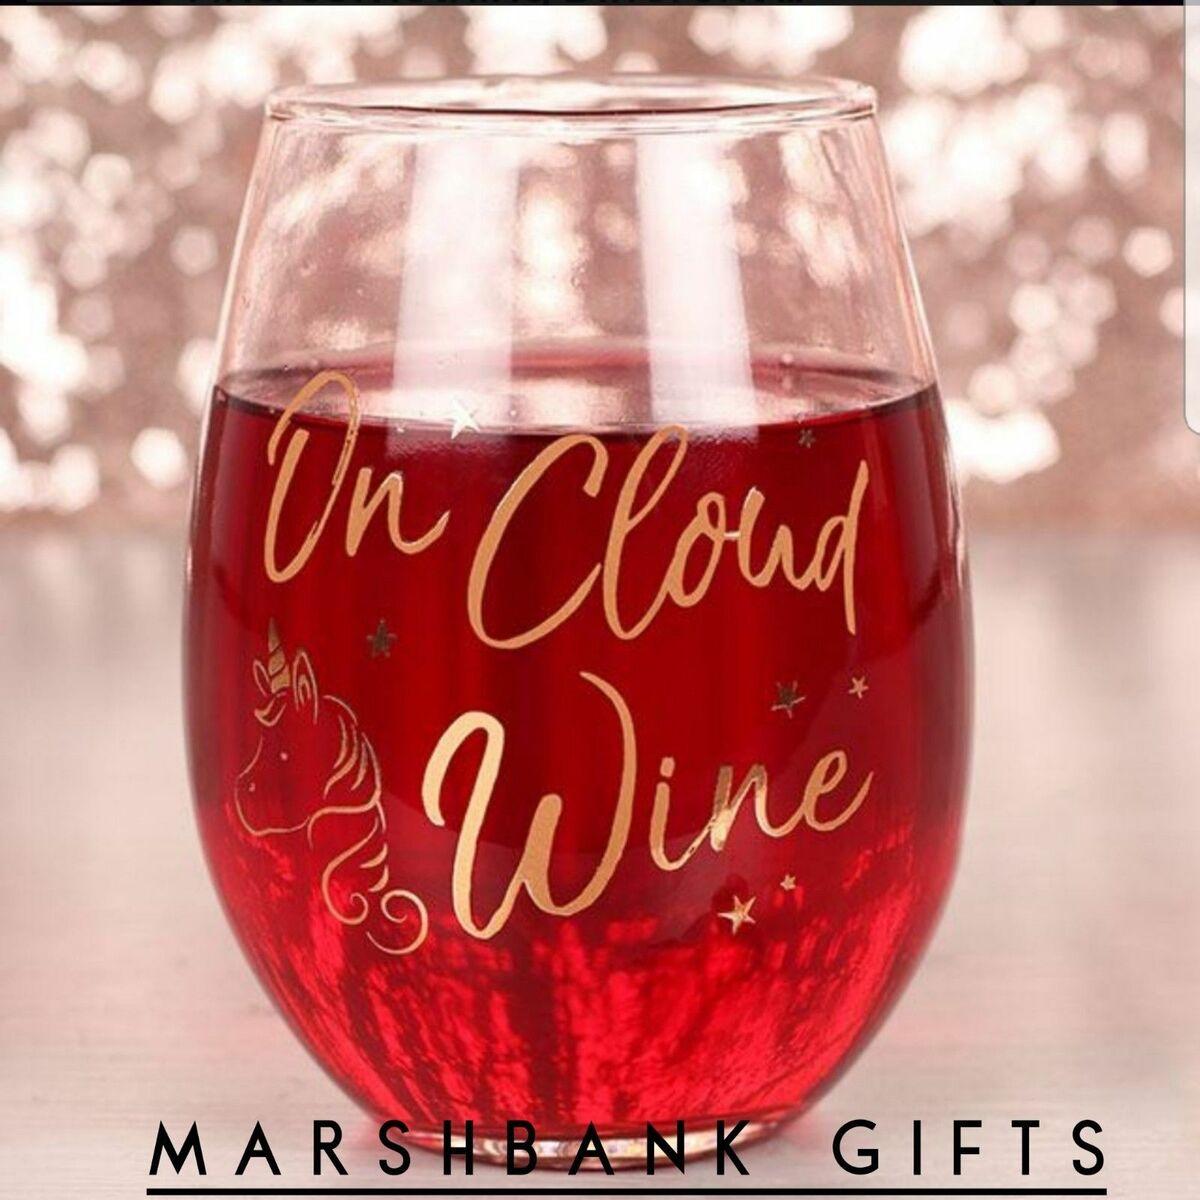 Marshbank Gifts